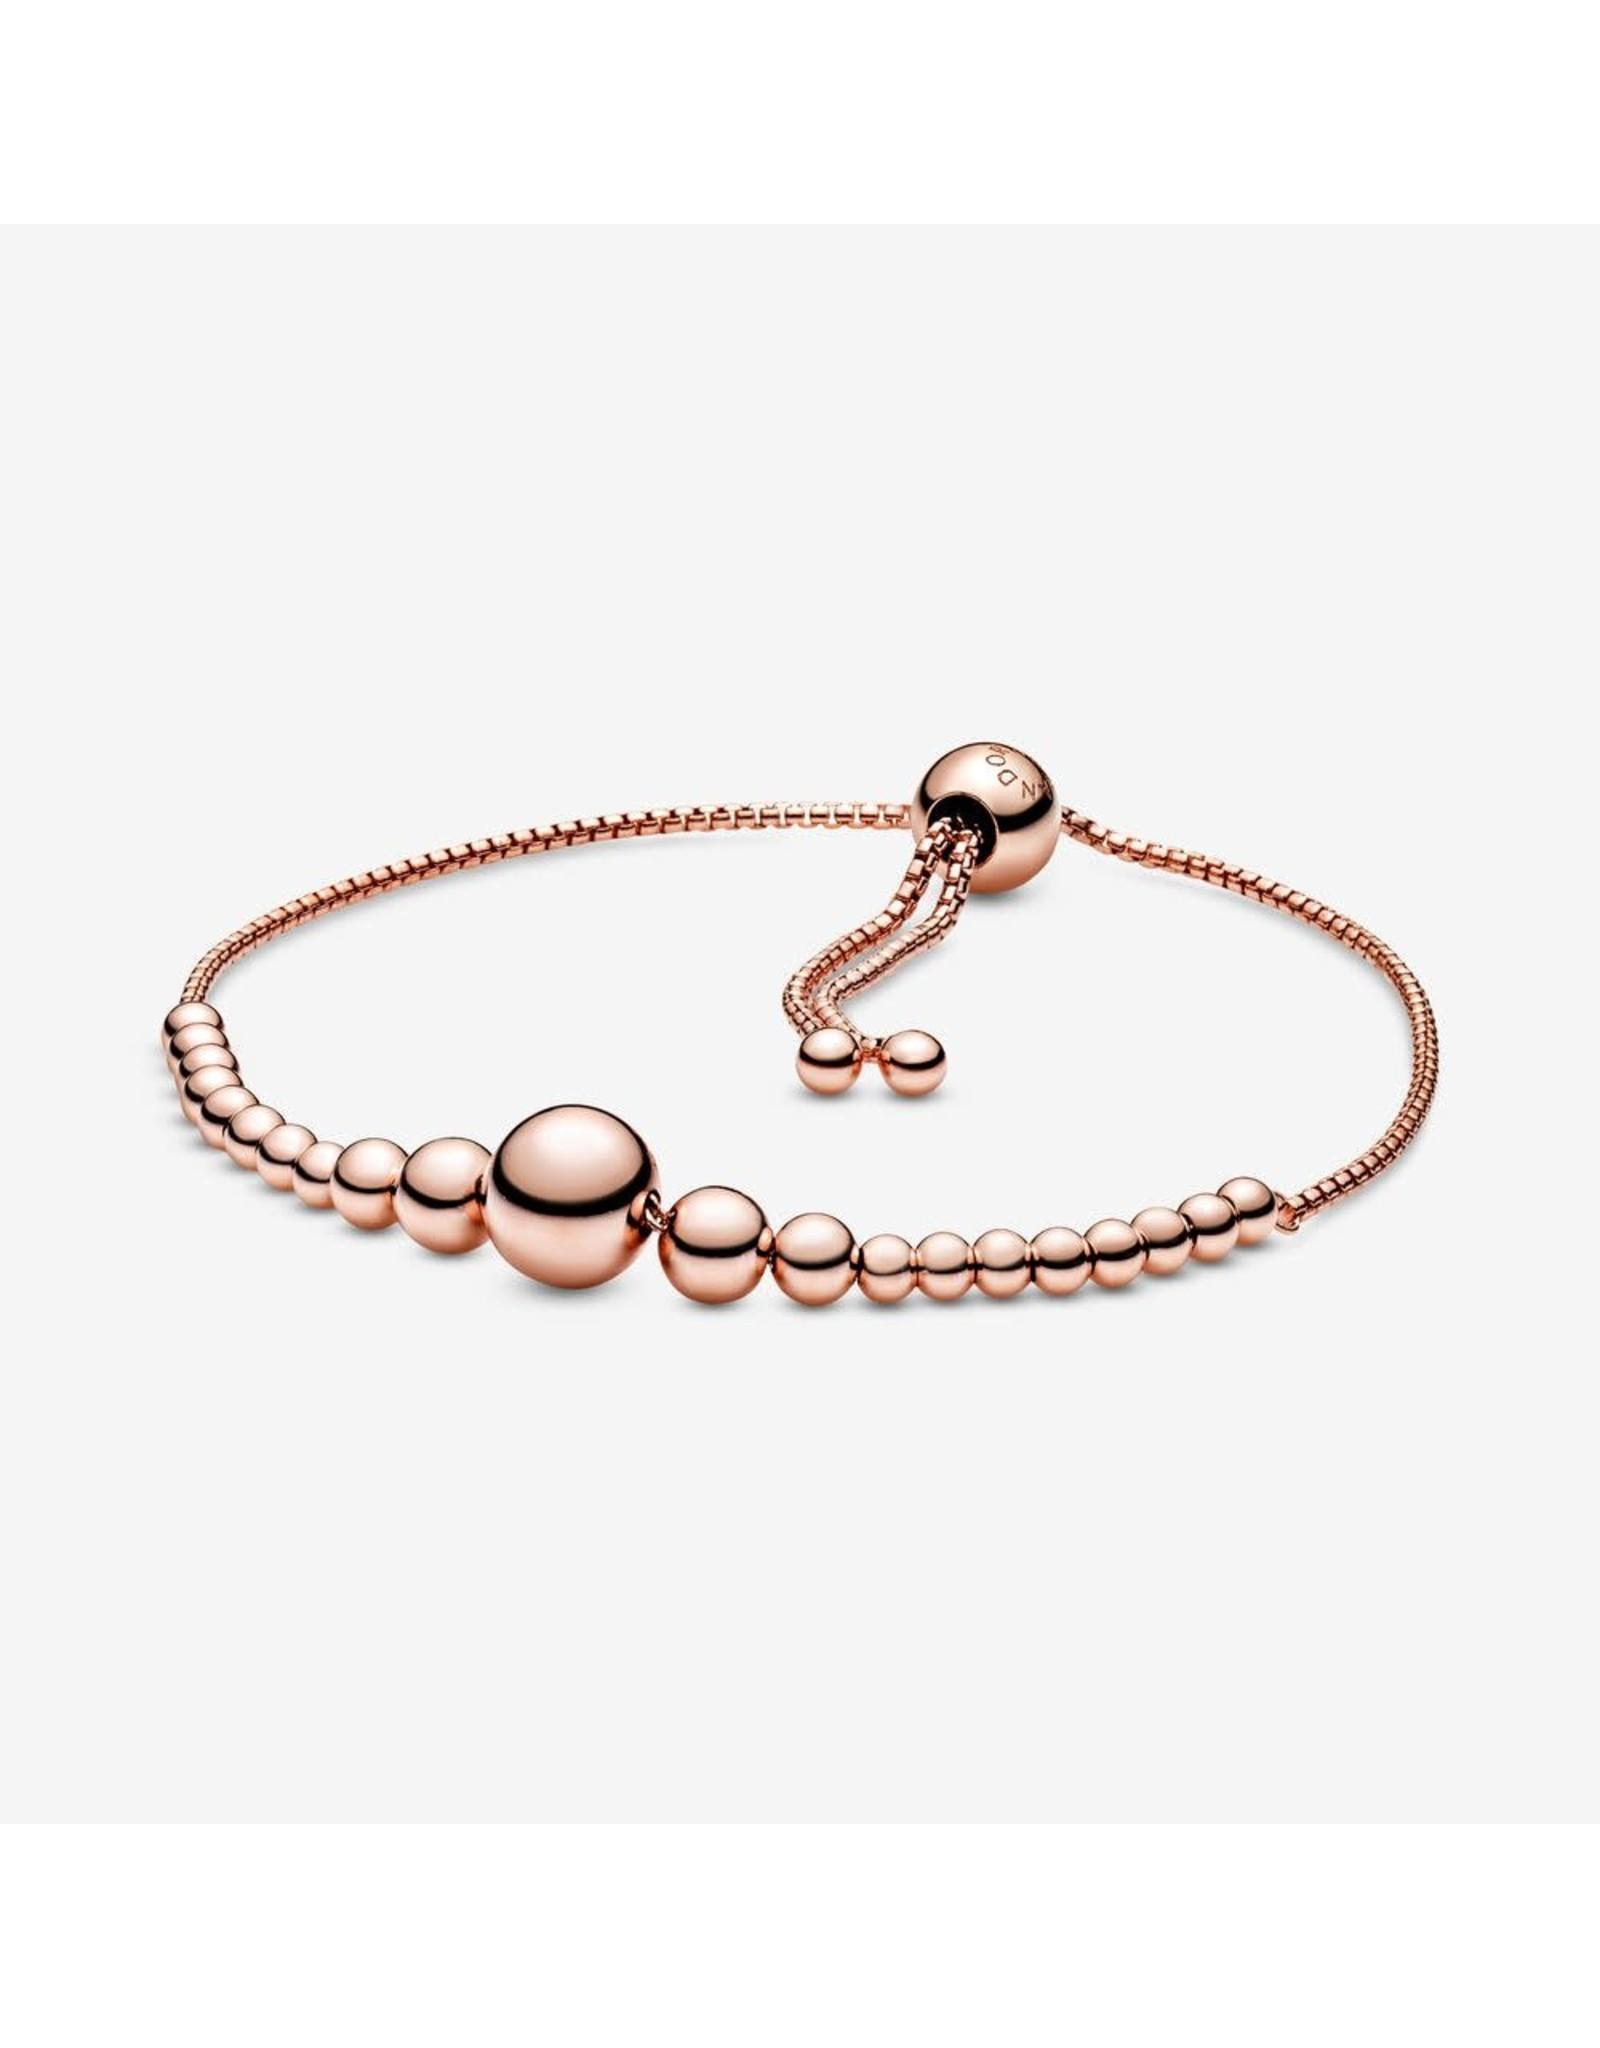 Pandora Pandora Bracelet,String Of Beads,Slider, Setrling Silver